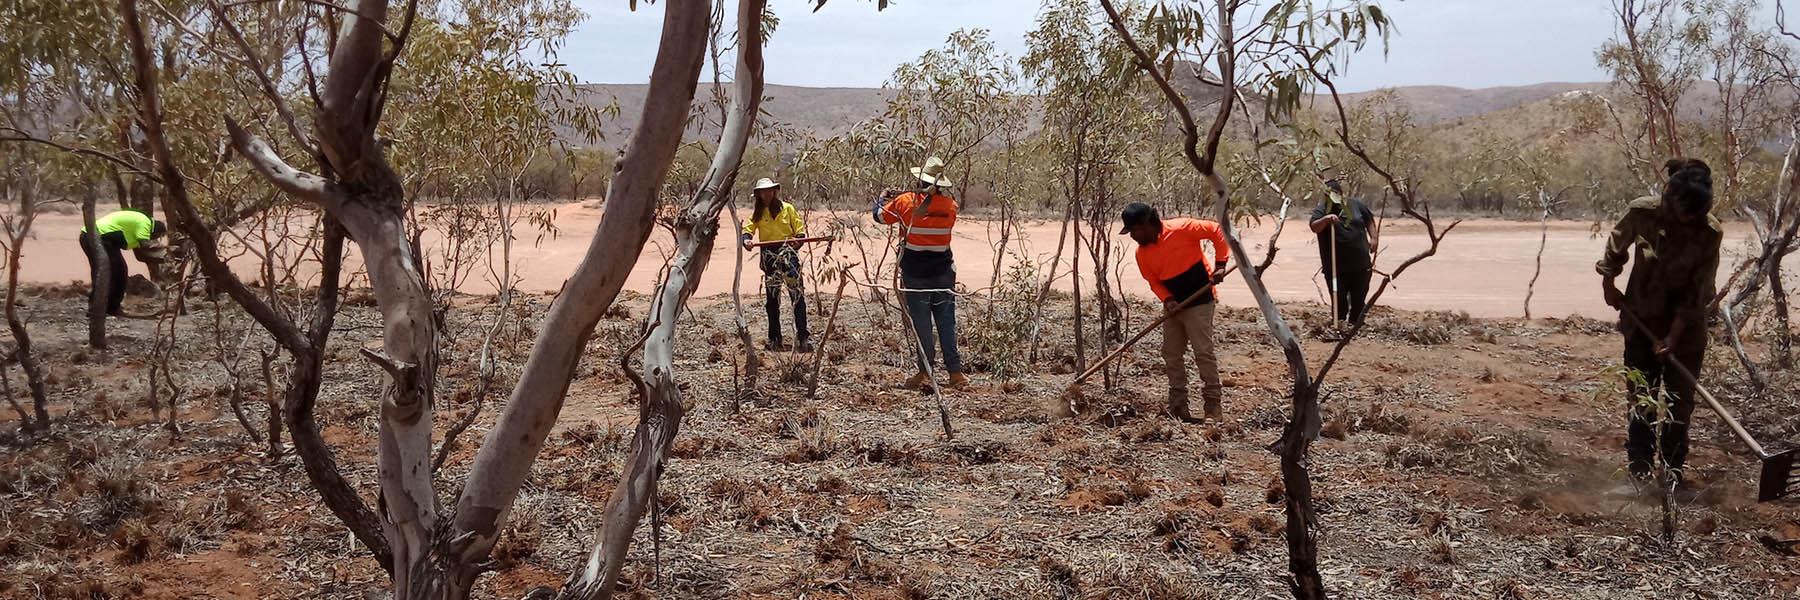 Arid Edge Environmental Services